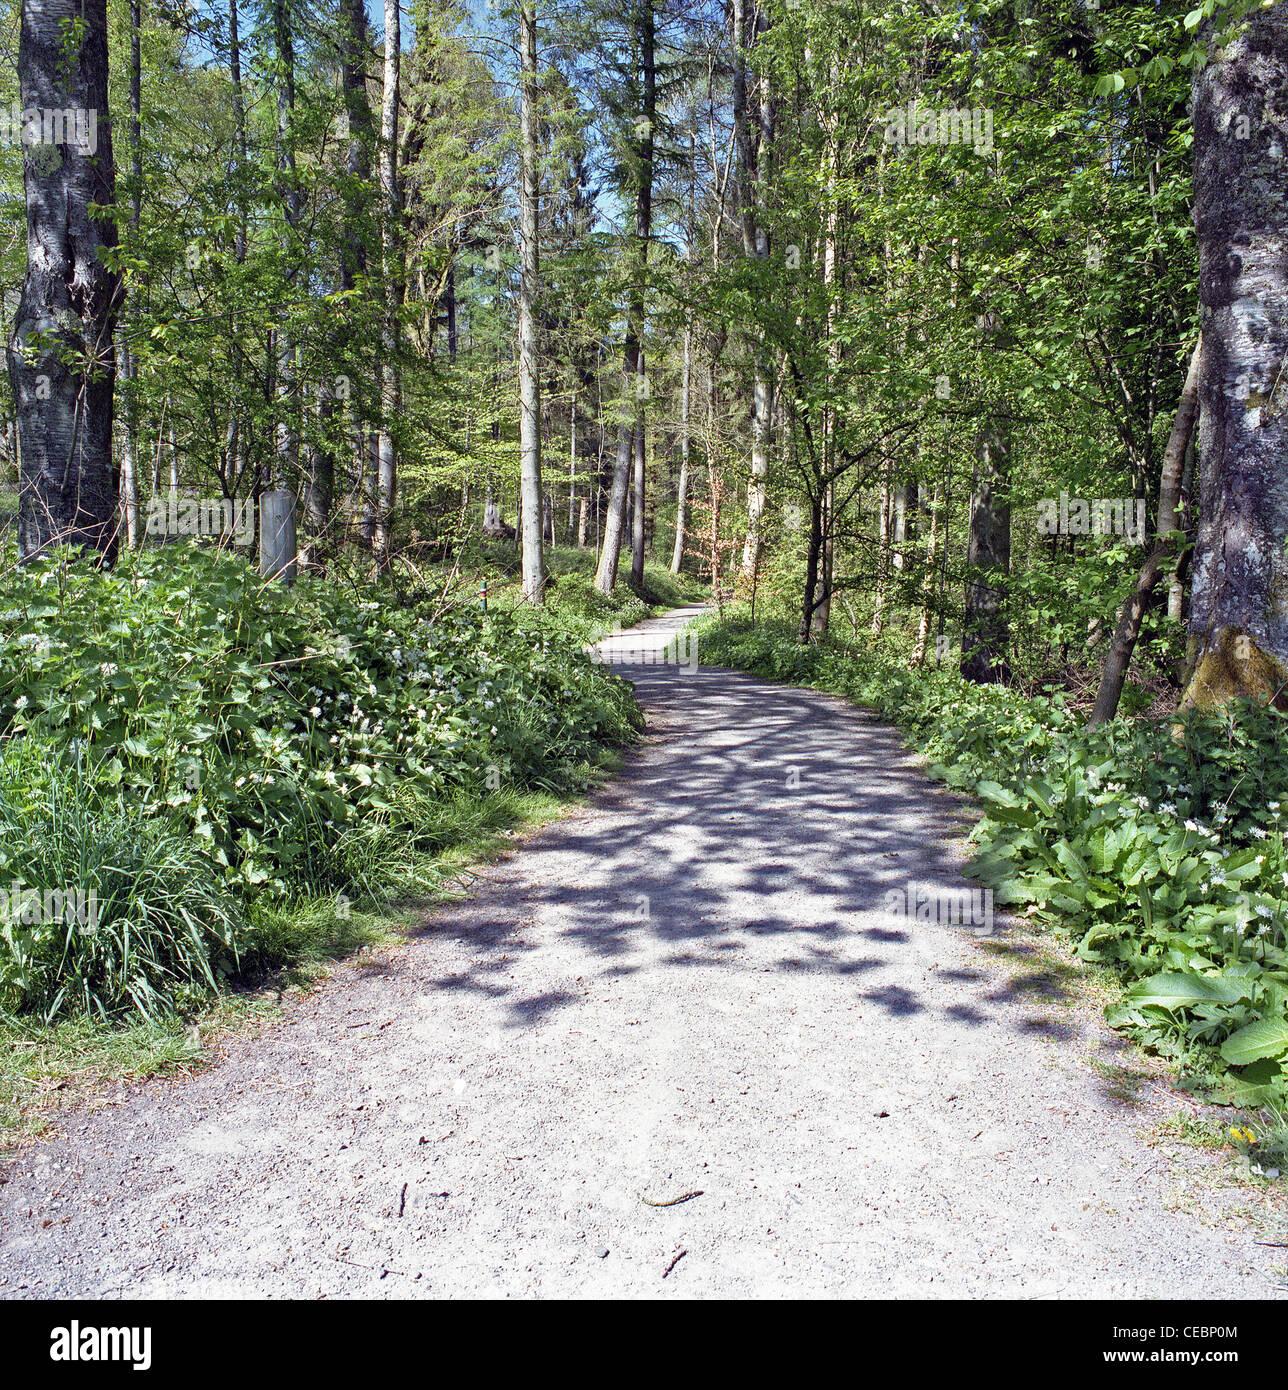 Soleggiato Percorso boschivo in primavera, Mabie foresta, Dumfries & Galloway, Scotland, Regno Unito Immagini Stock